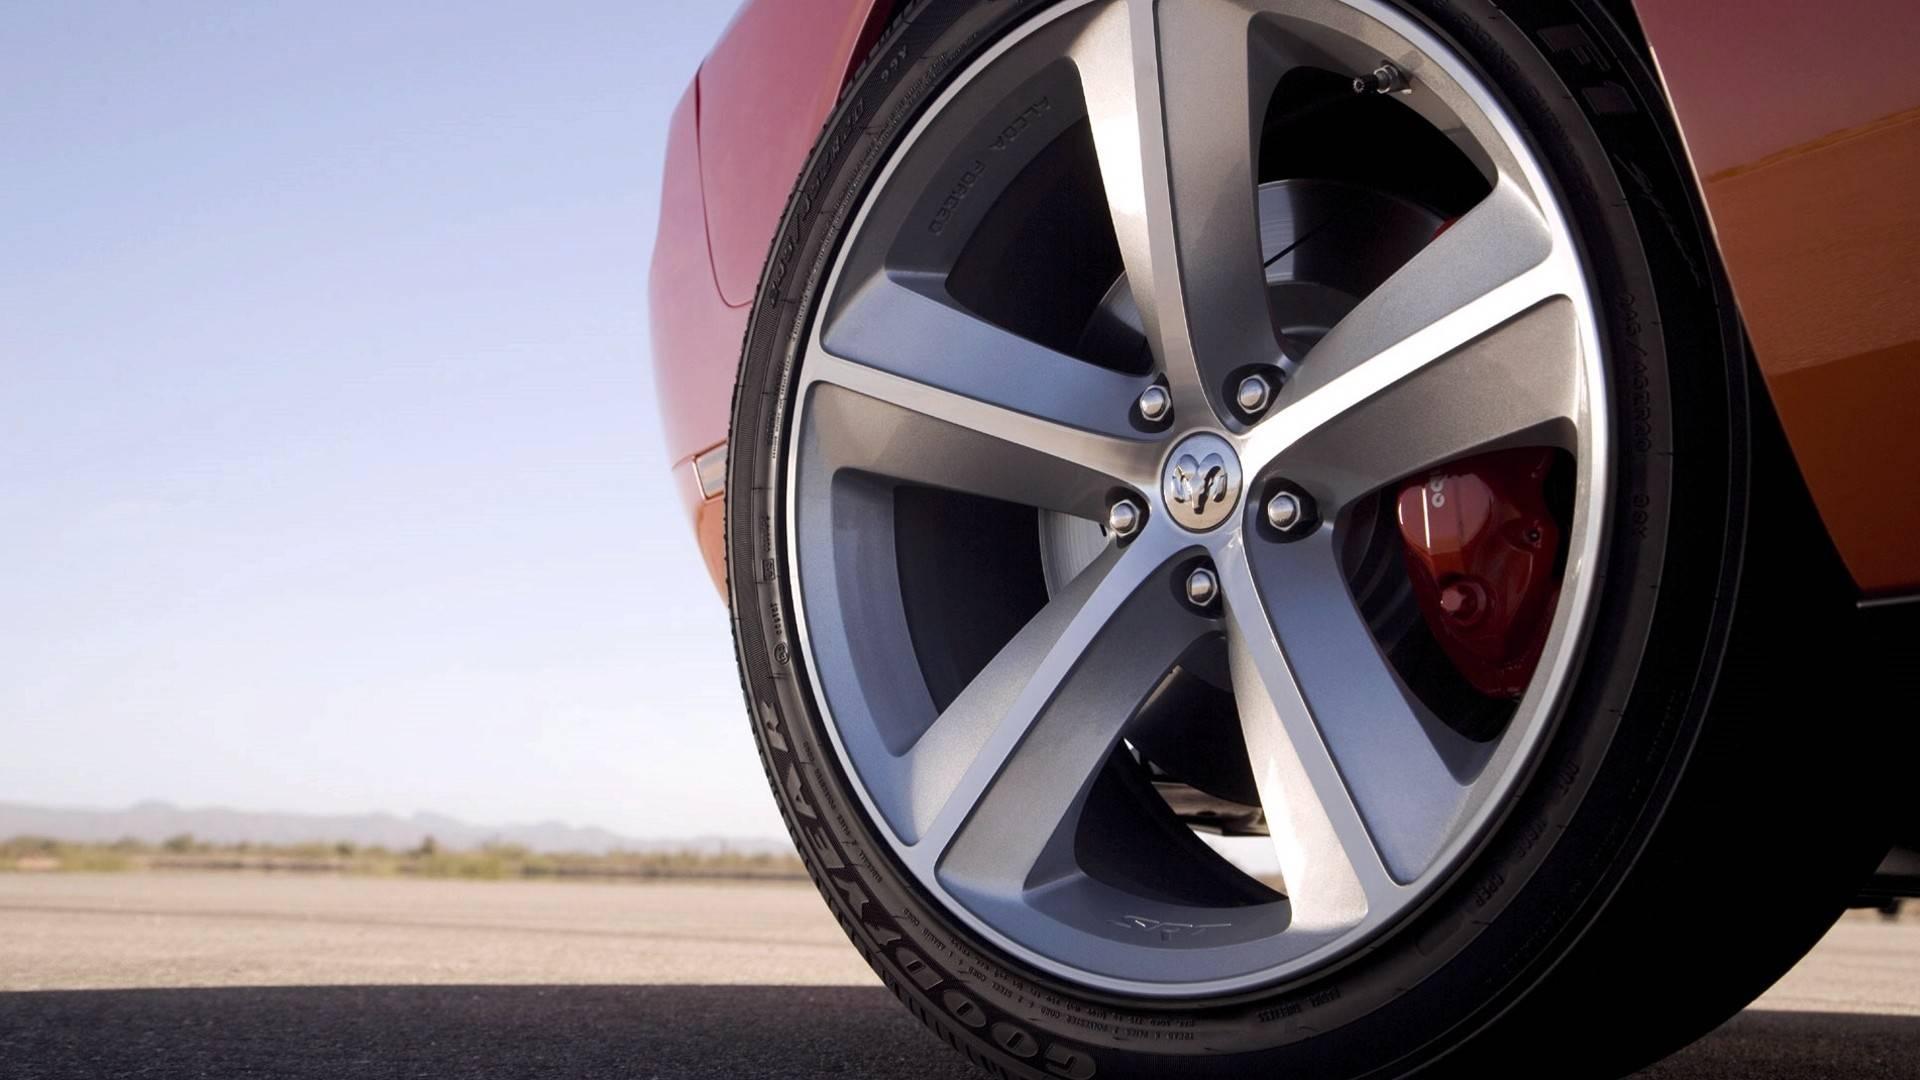 Bir arabada lastik arabanızın güvenli sürüşünü veren mühim parçalarından biridir 1